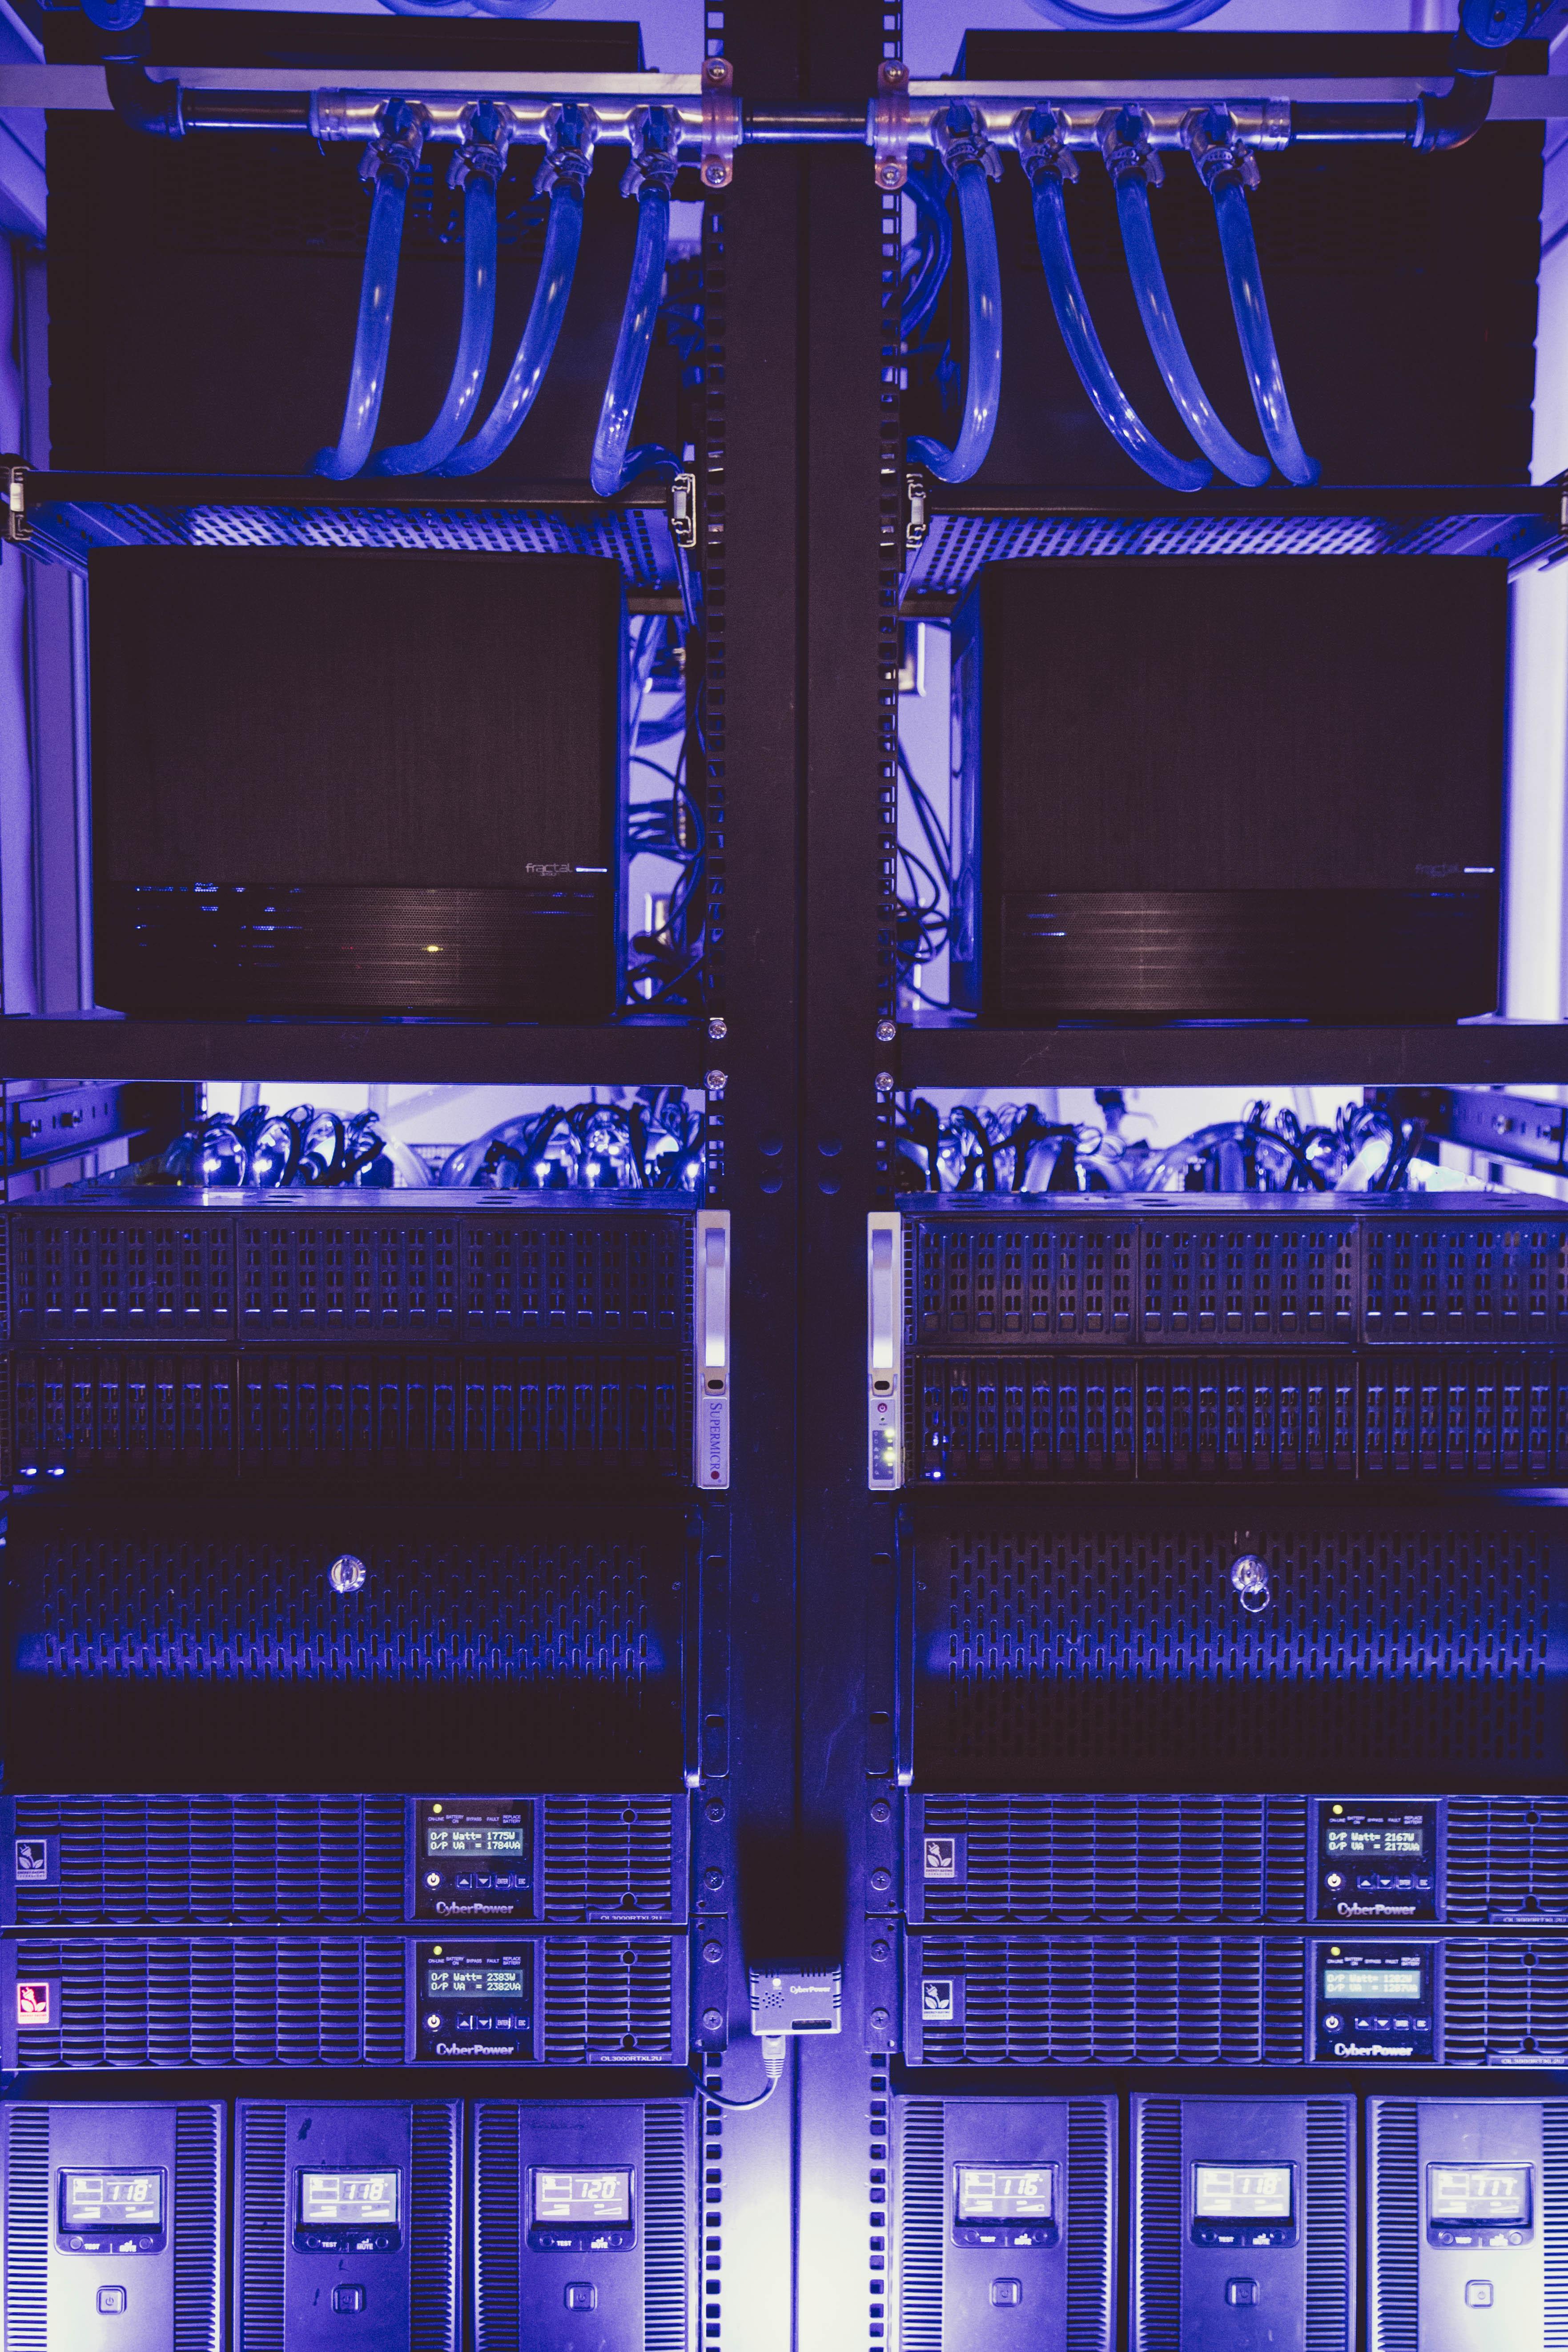 Squirrels supercomputer